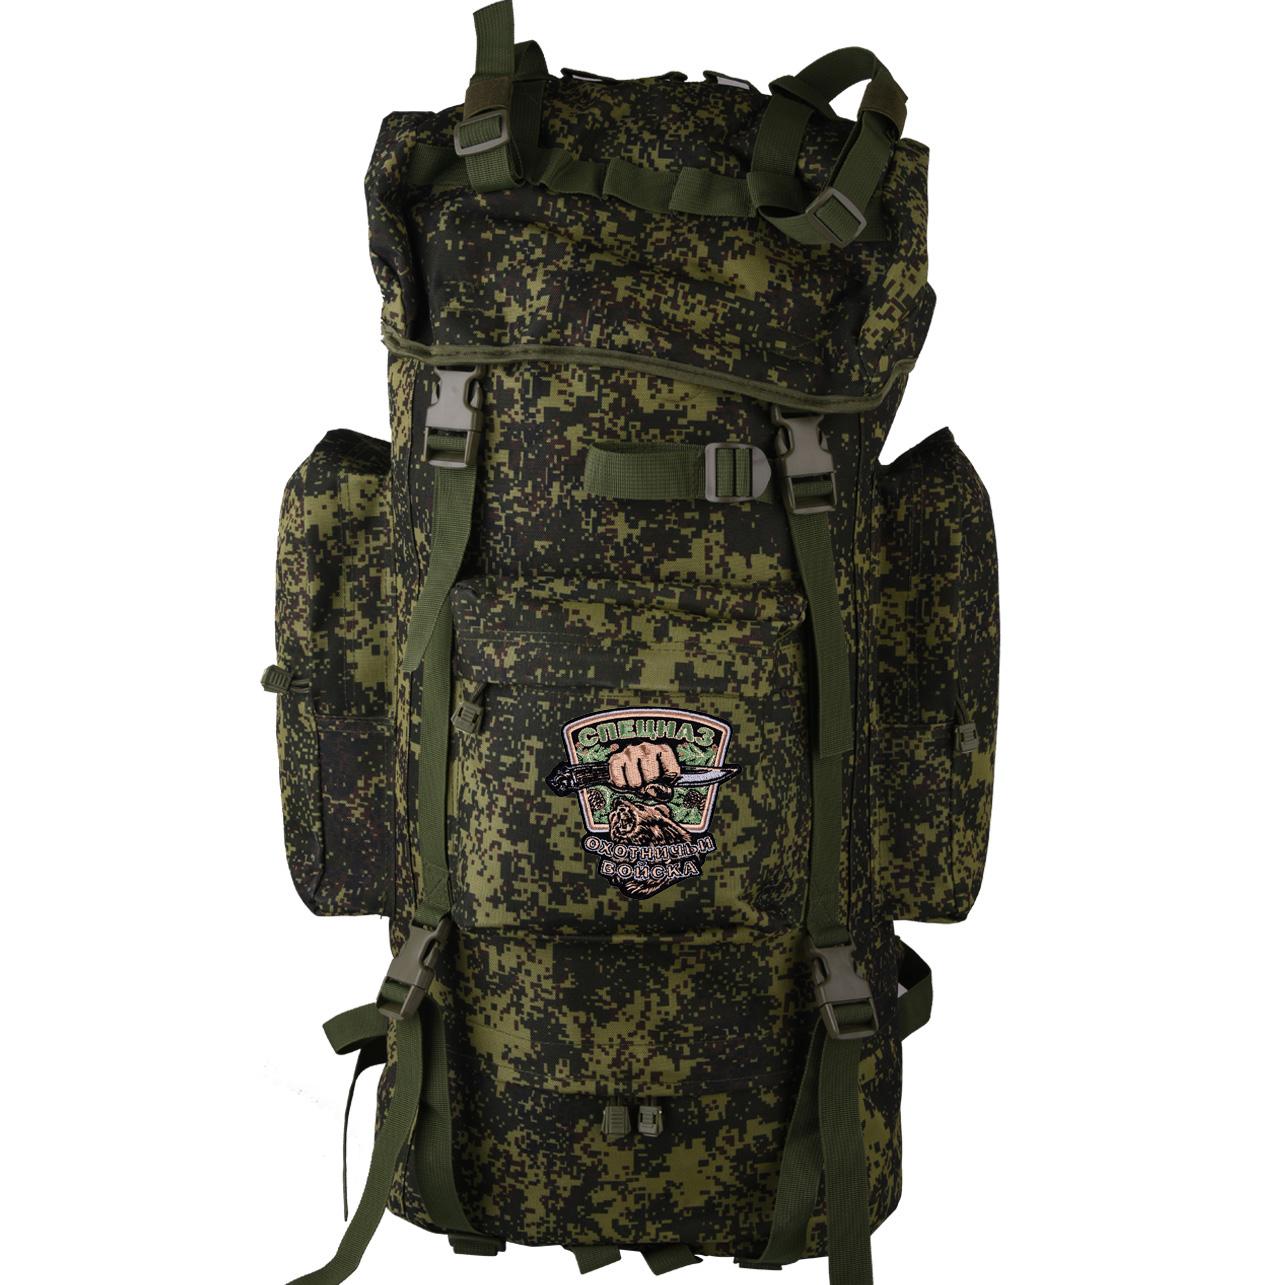 Внушительный камуфляжный рюкзак с нашивкой Охотничий Спецназ - купить по низкой цене